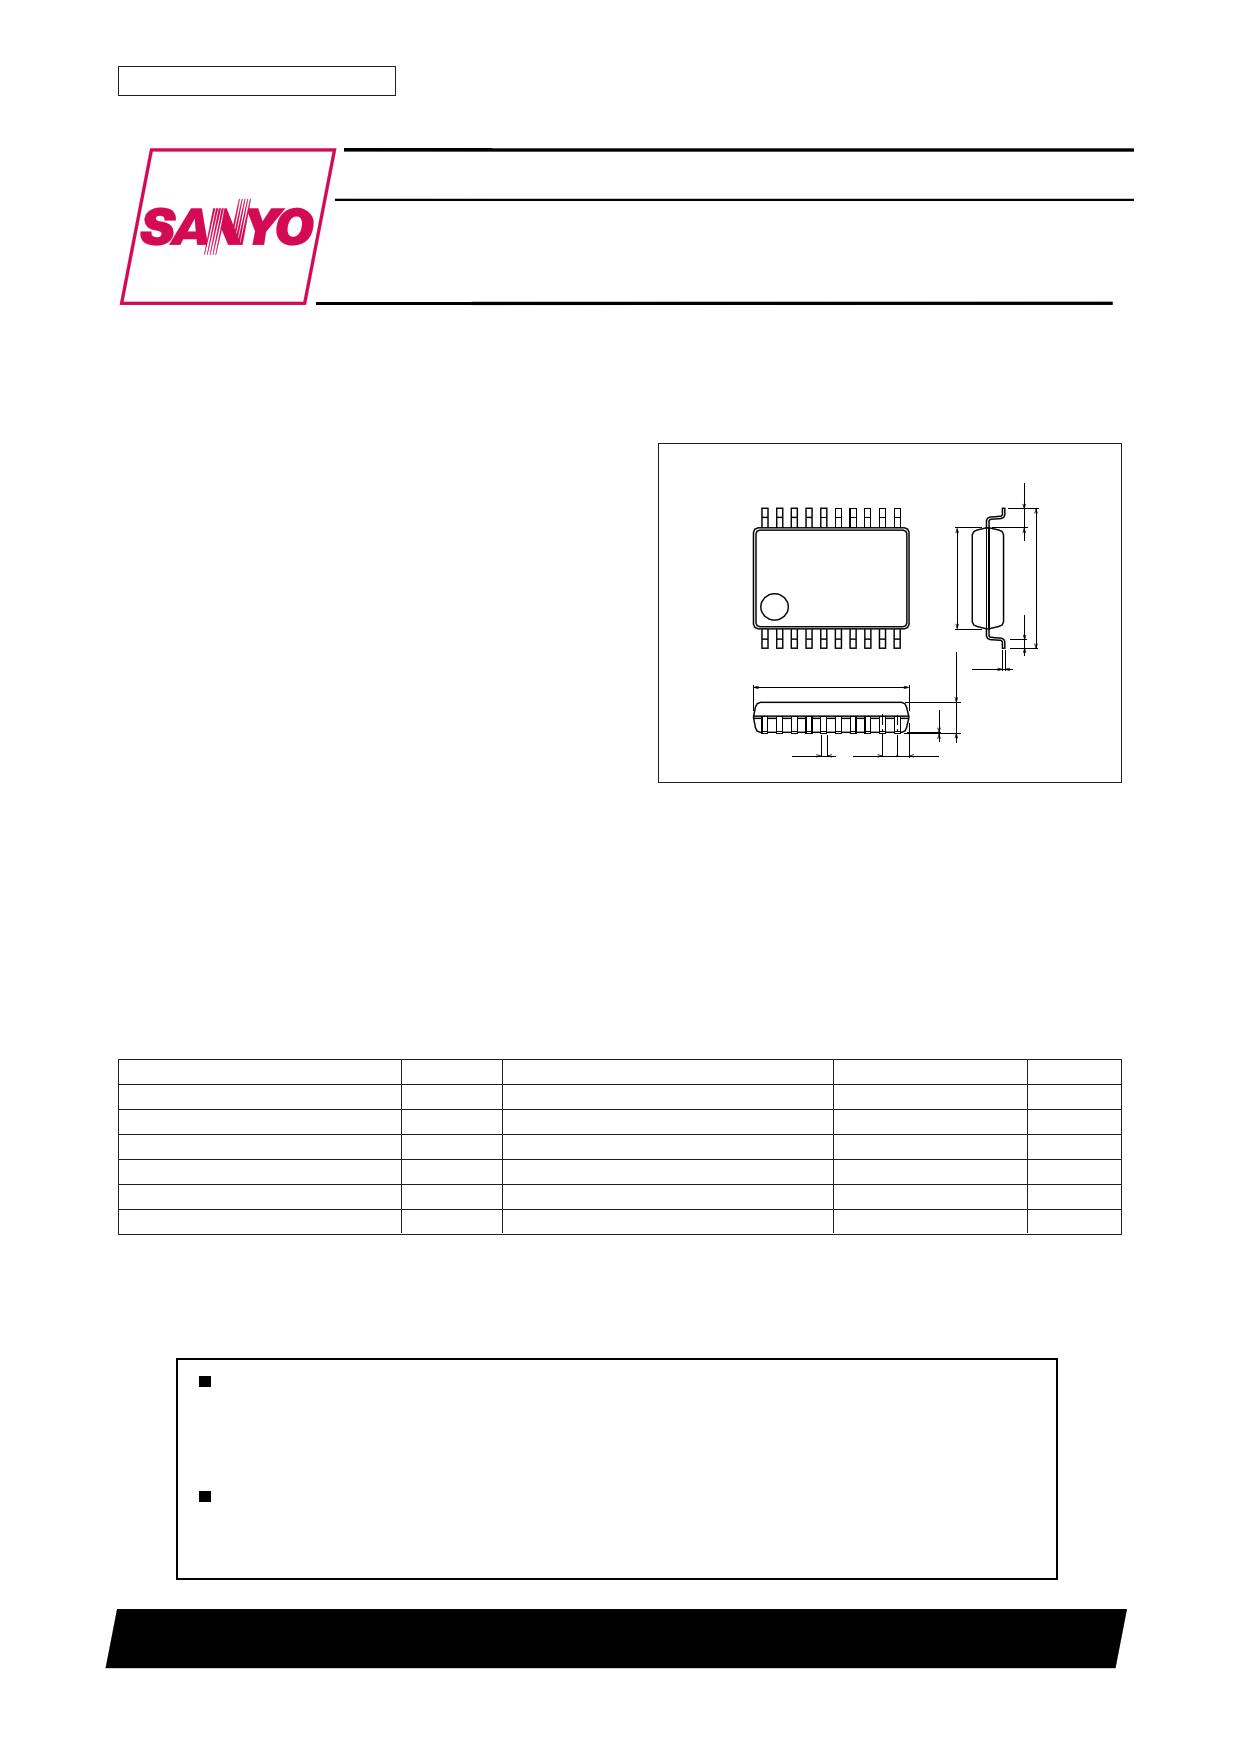 LB1841 datasheet